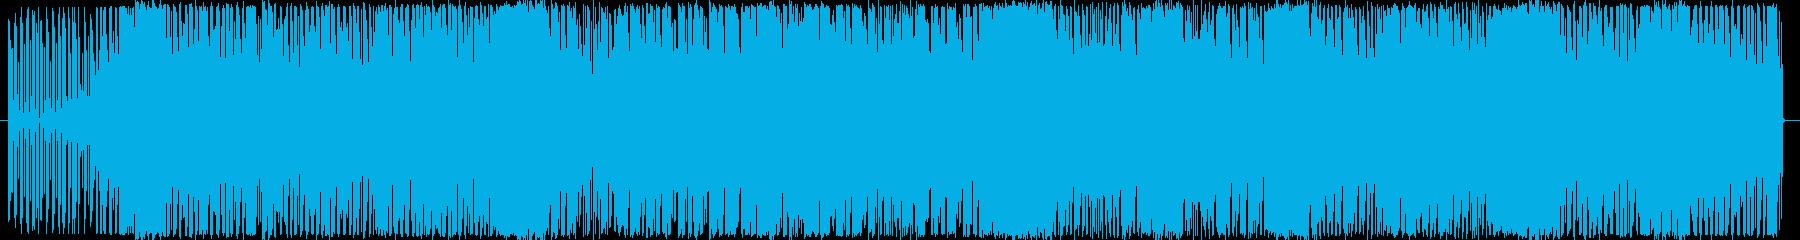 4つ打ちハウス系のお洒落なダンスサウンドの再生済みの波形